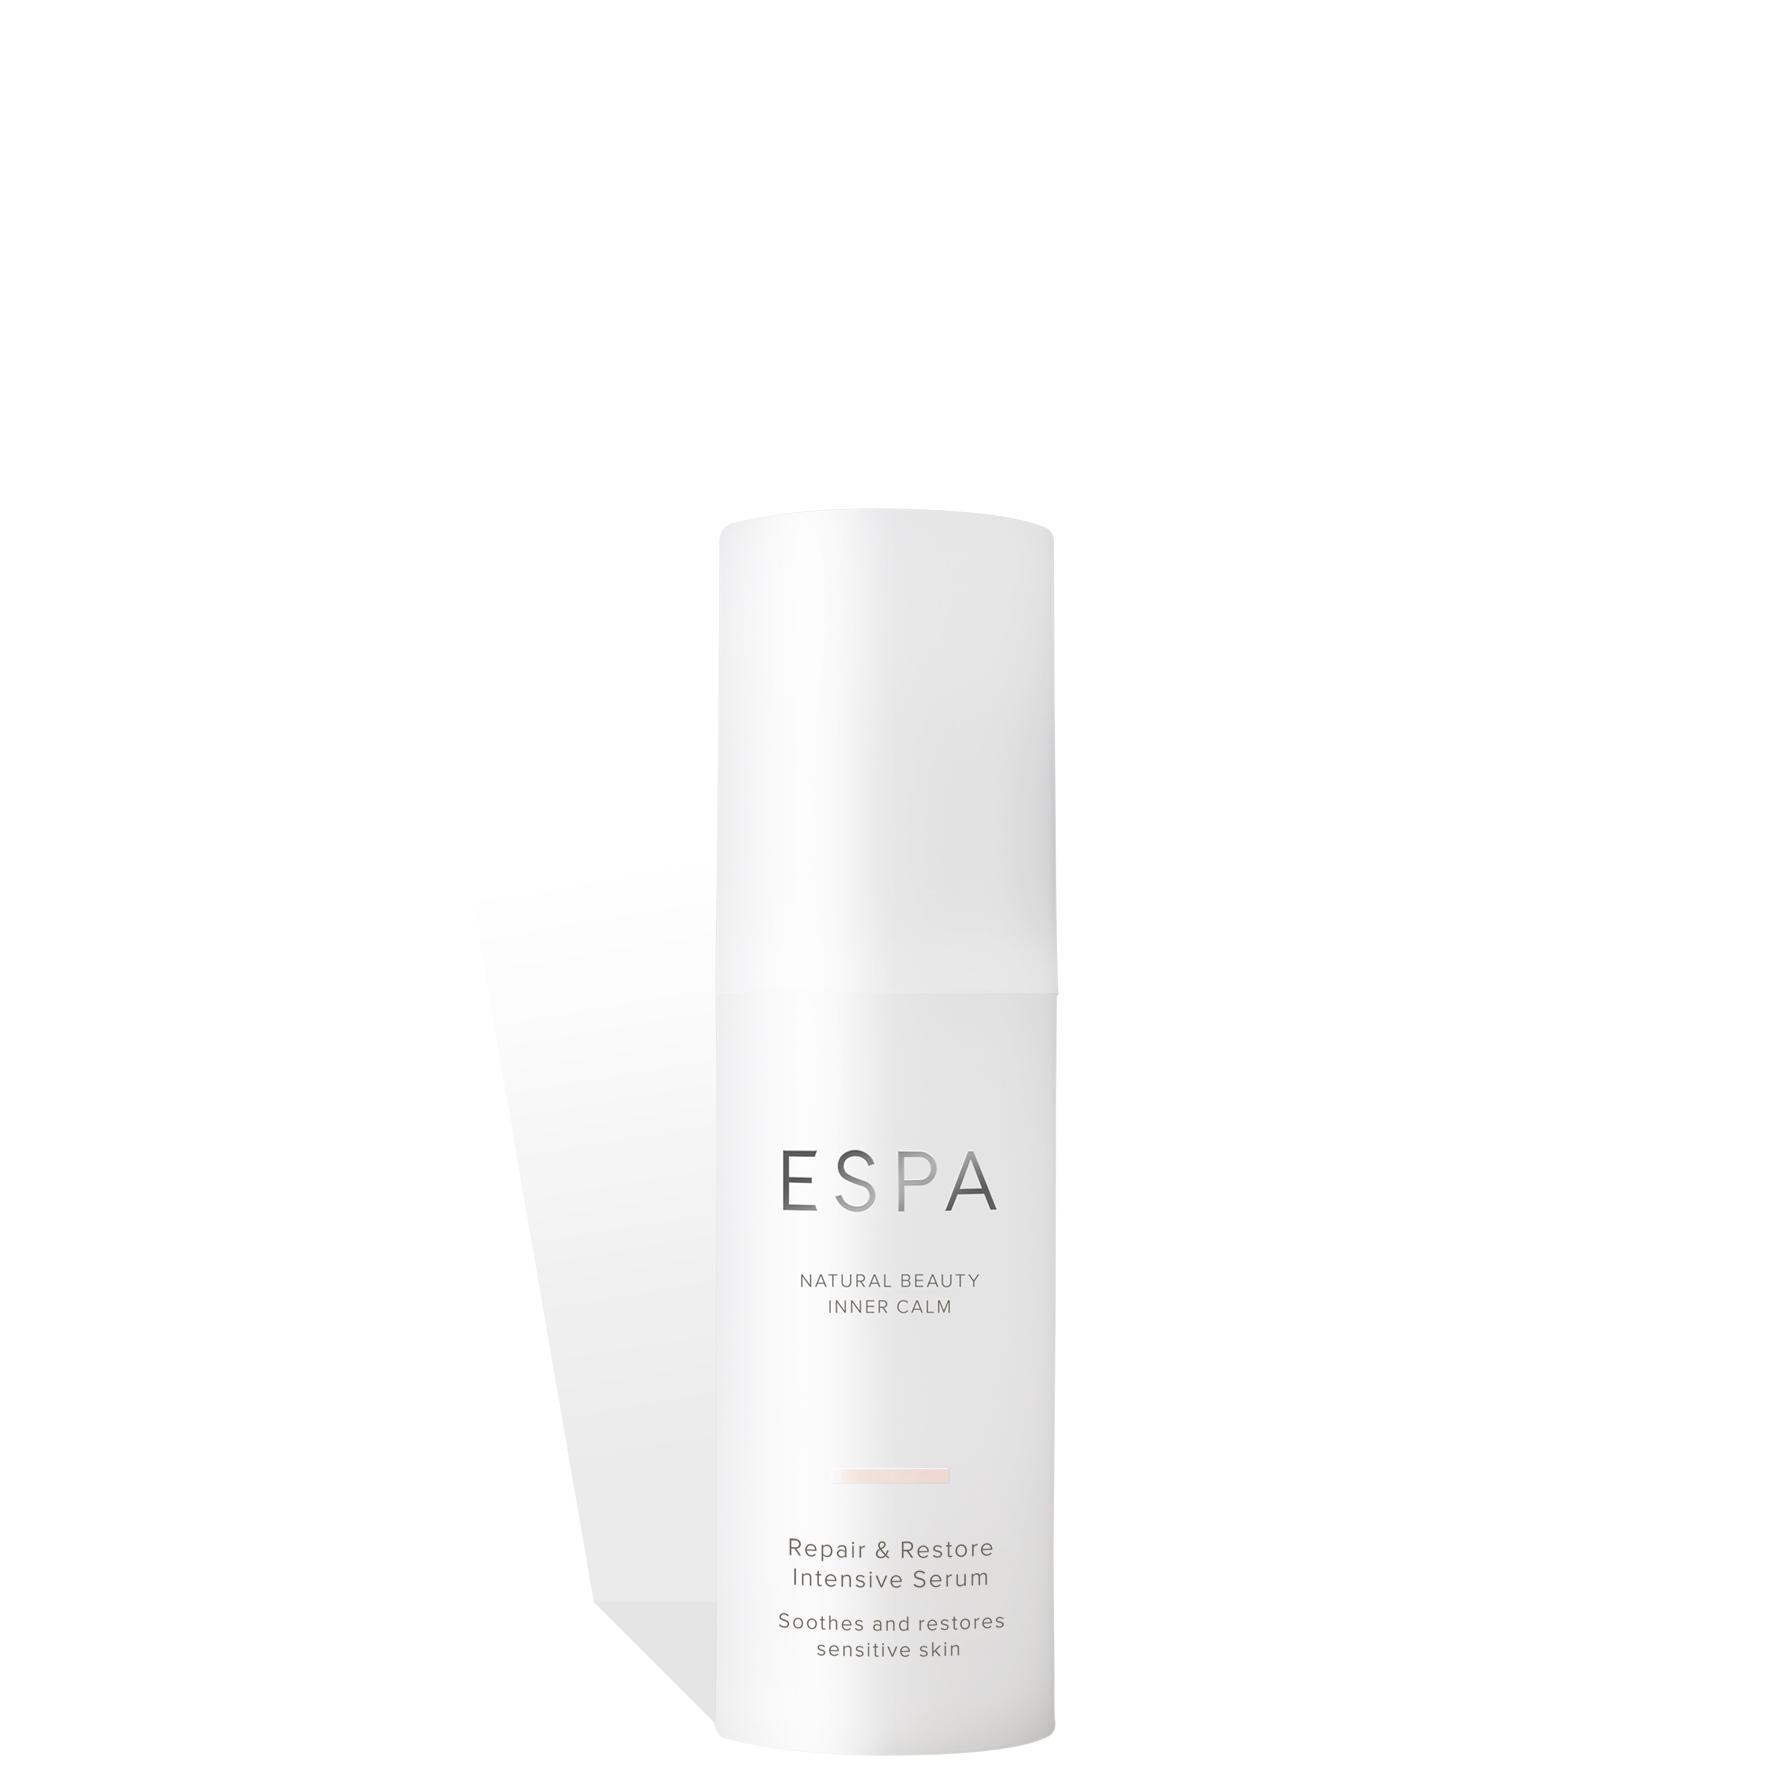 ESPA Repair and Restore Intensive Serum